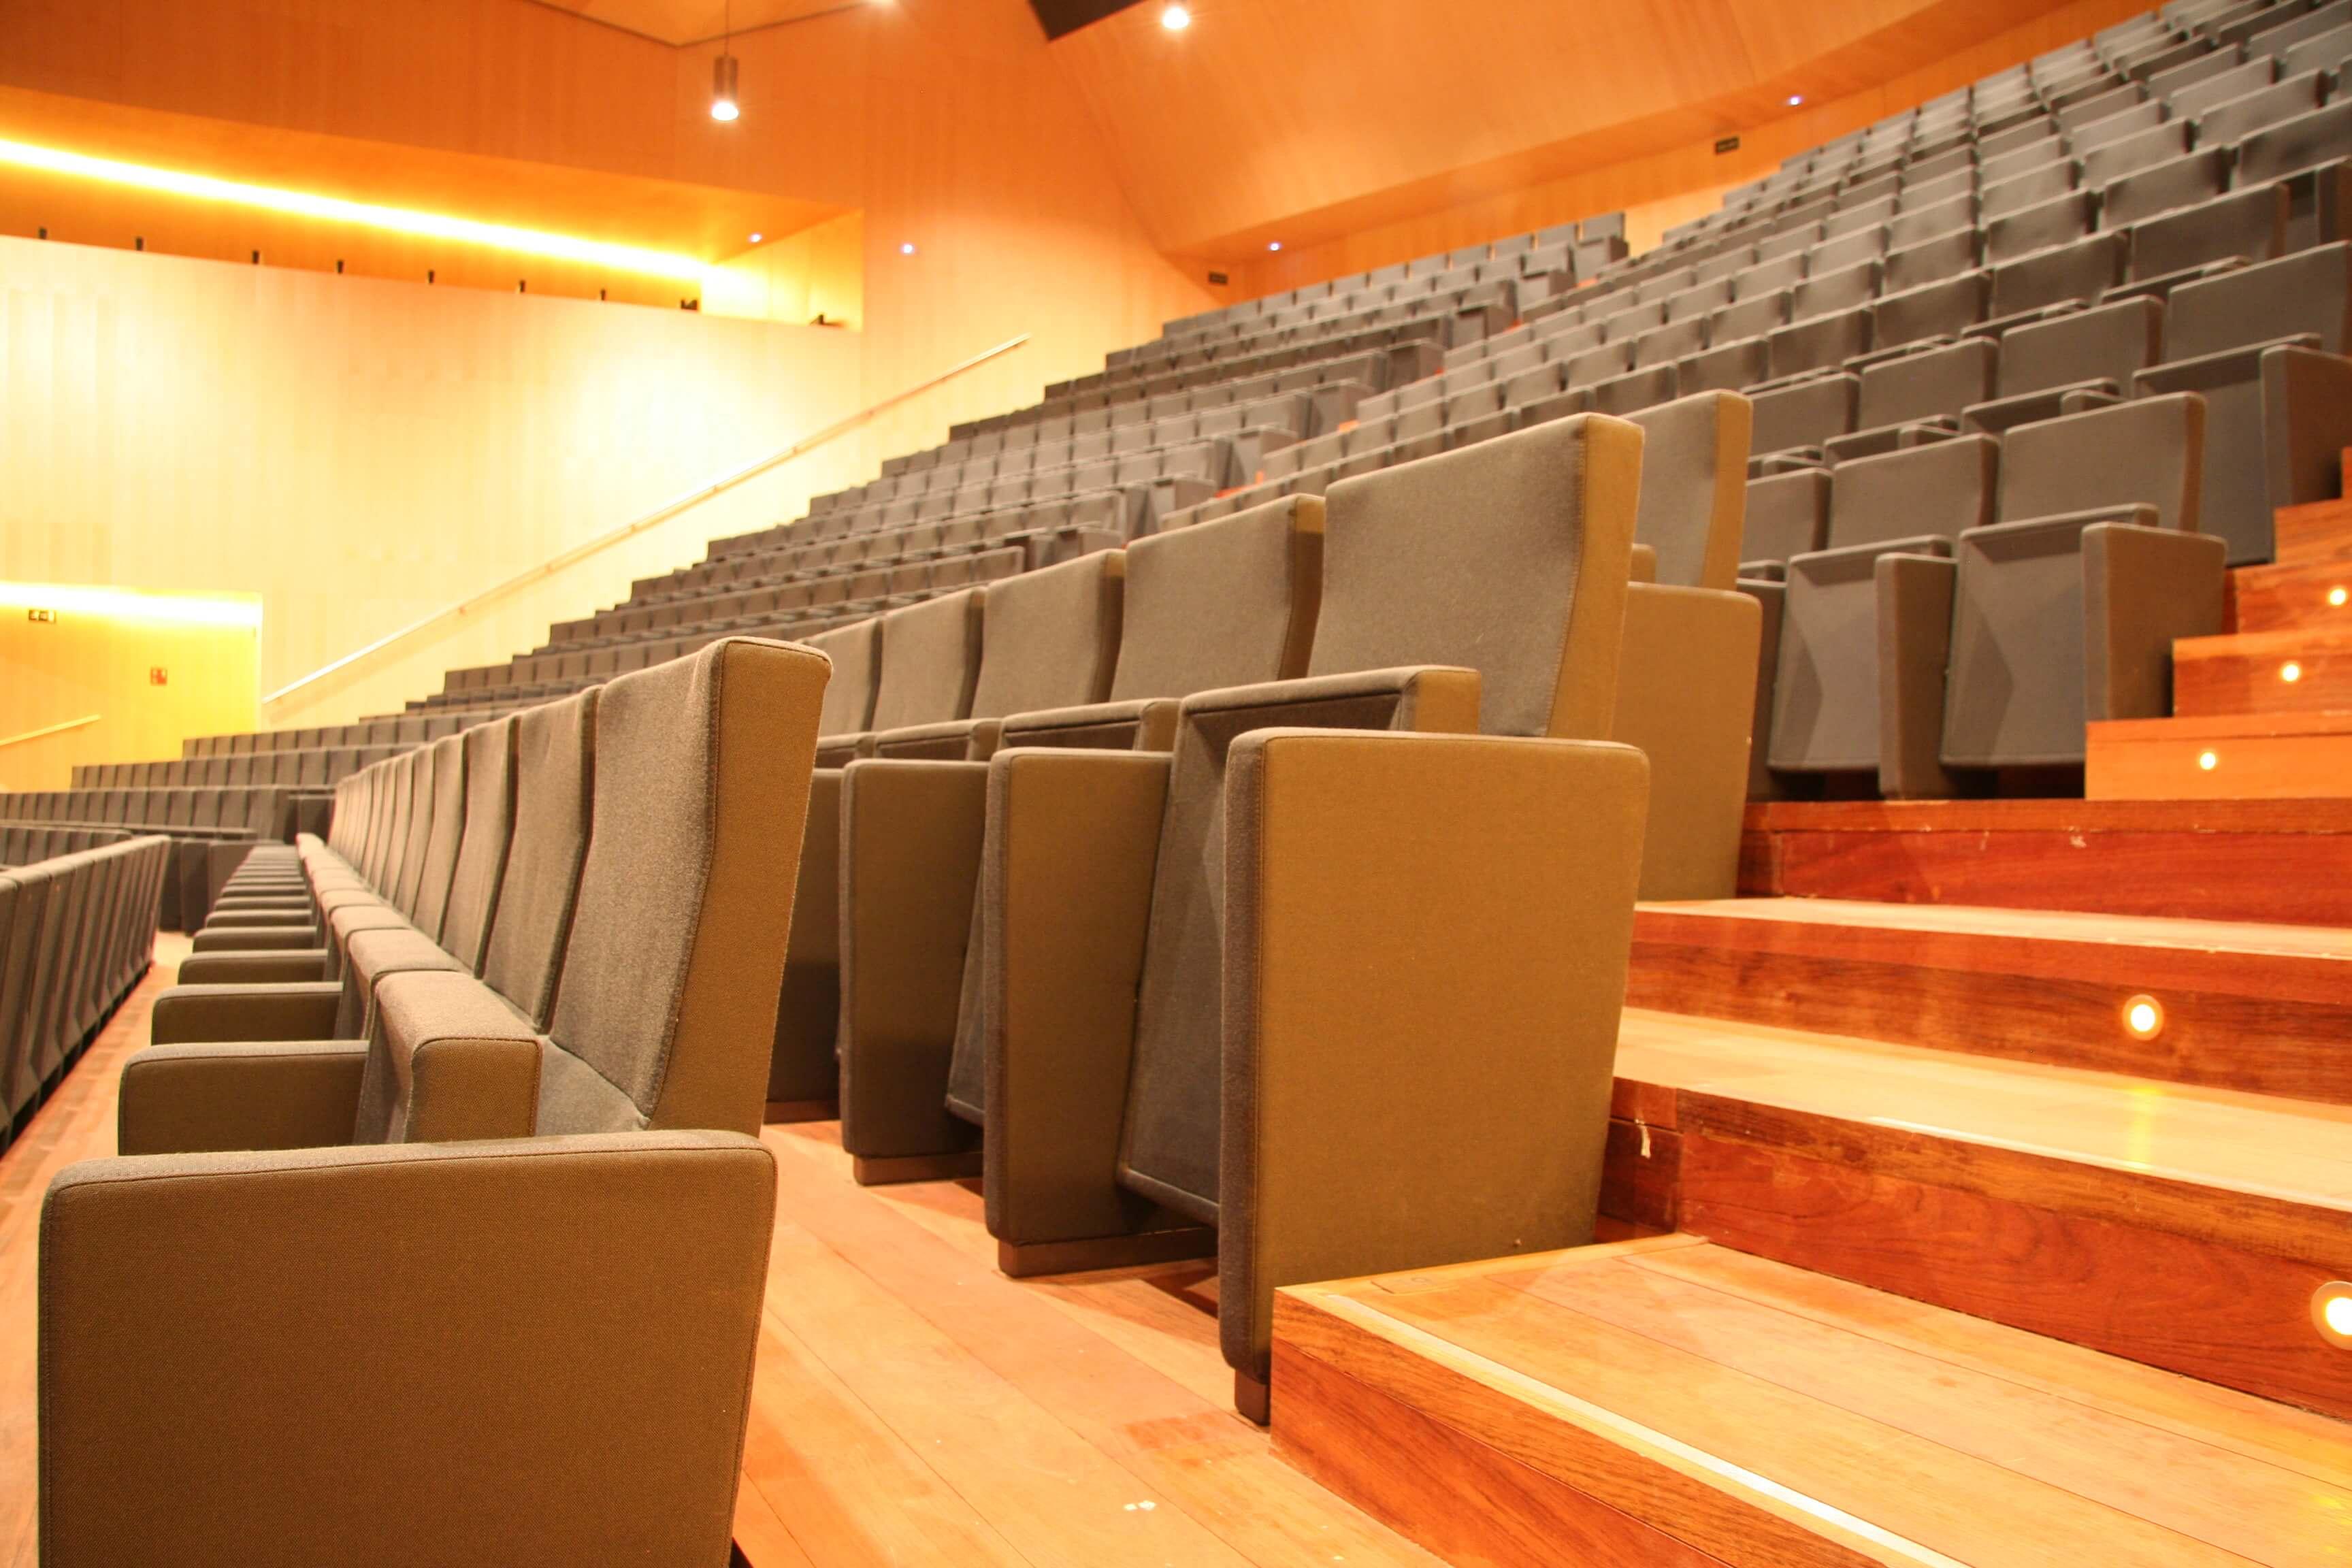 Equipamiento integral auditorio Lienzo Norte butacas lateral | Muebles de oficina Spacio